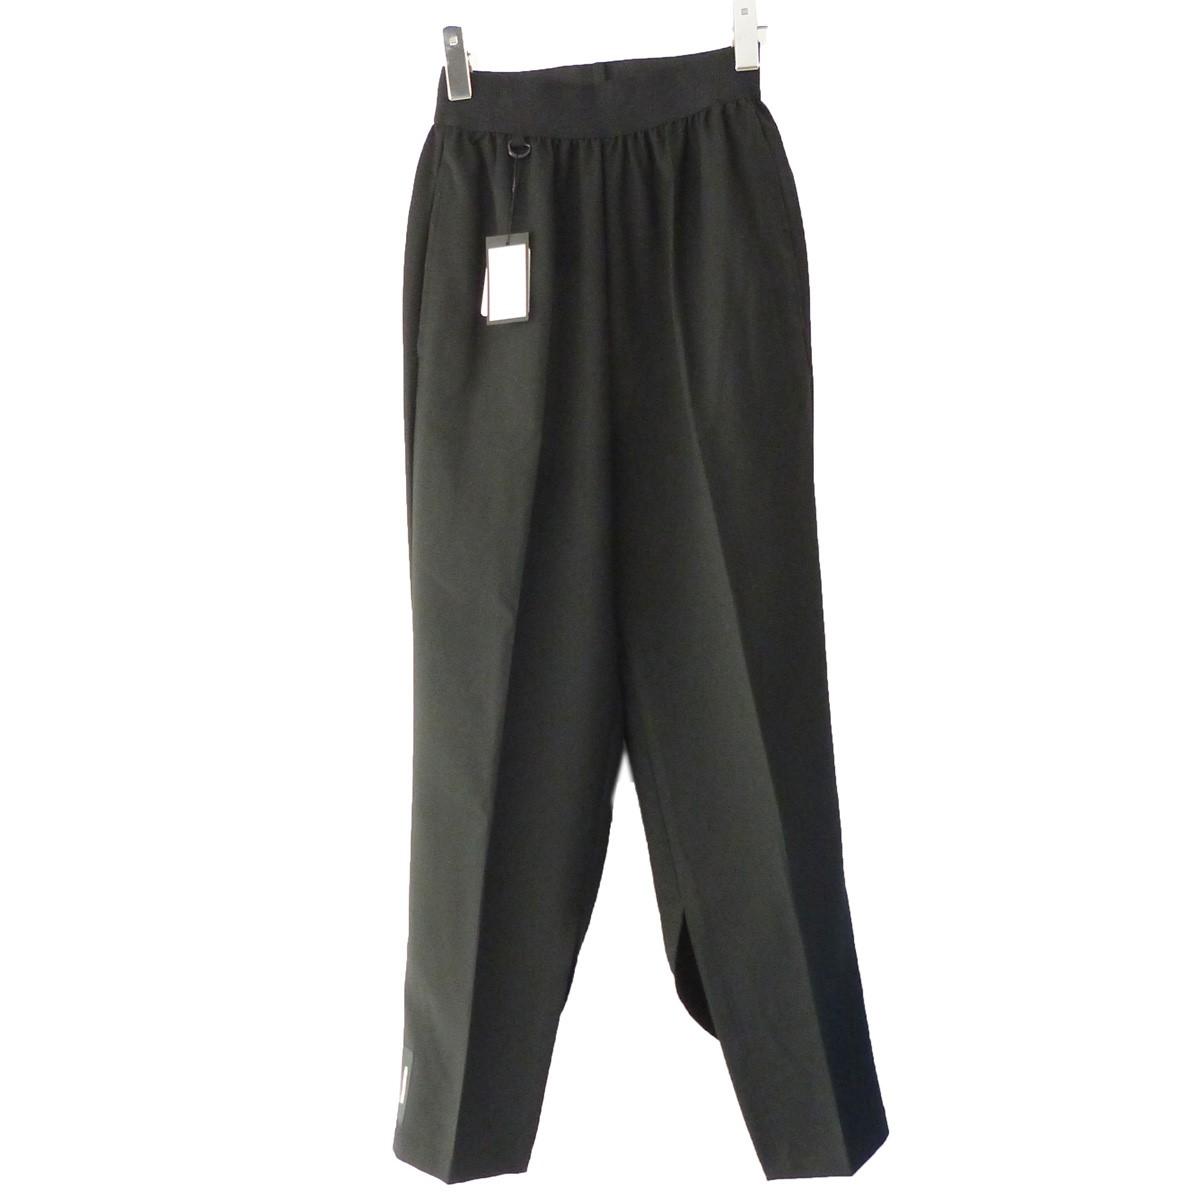 【中古】SYU. 19AW「Front Slit Pants」裾ジップスリットイージースラックス ブラック サイズ:1 【031119】(シュウ)